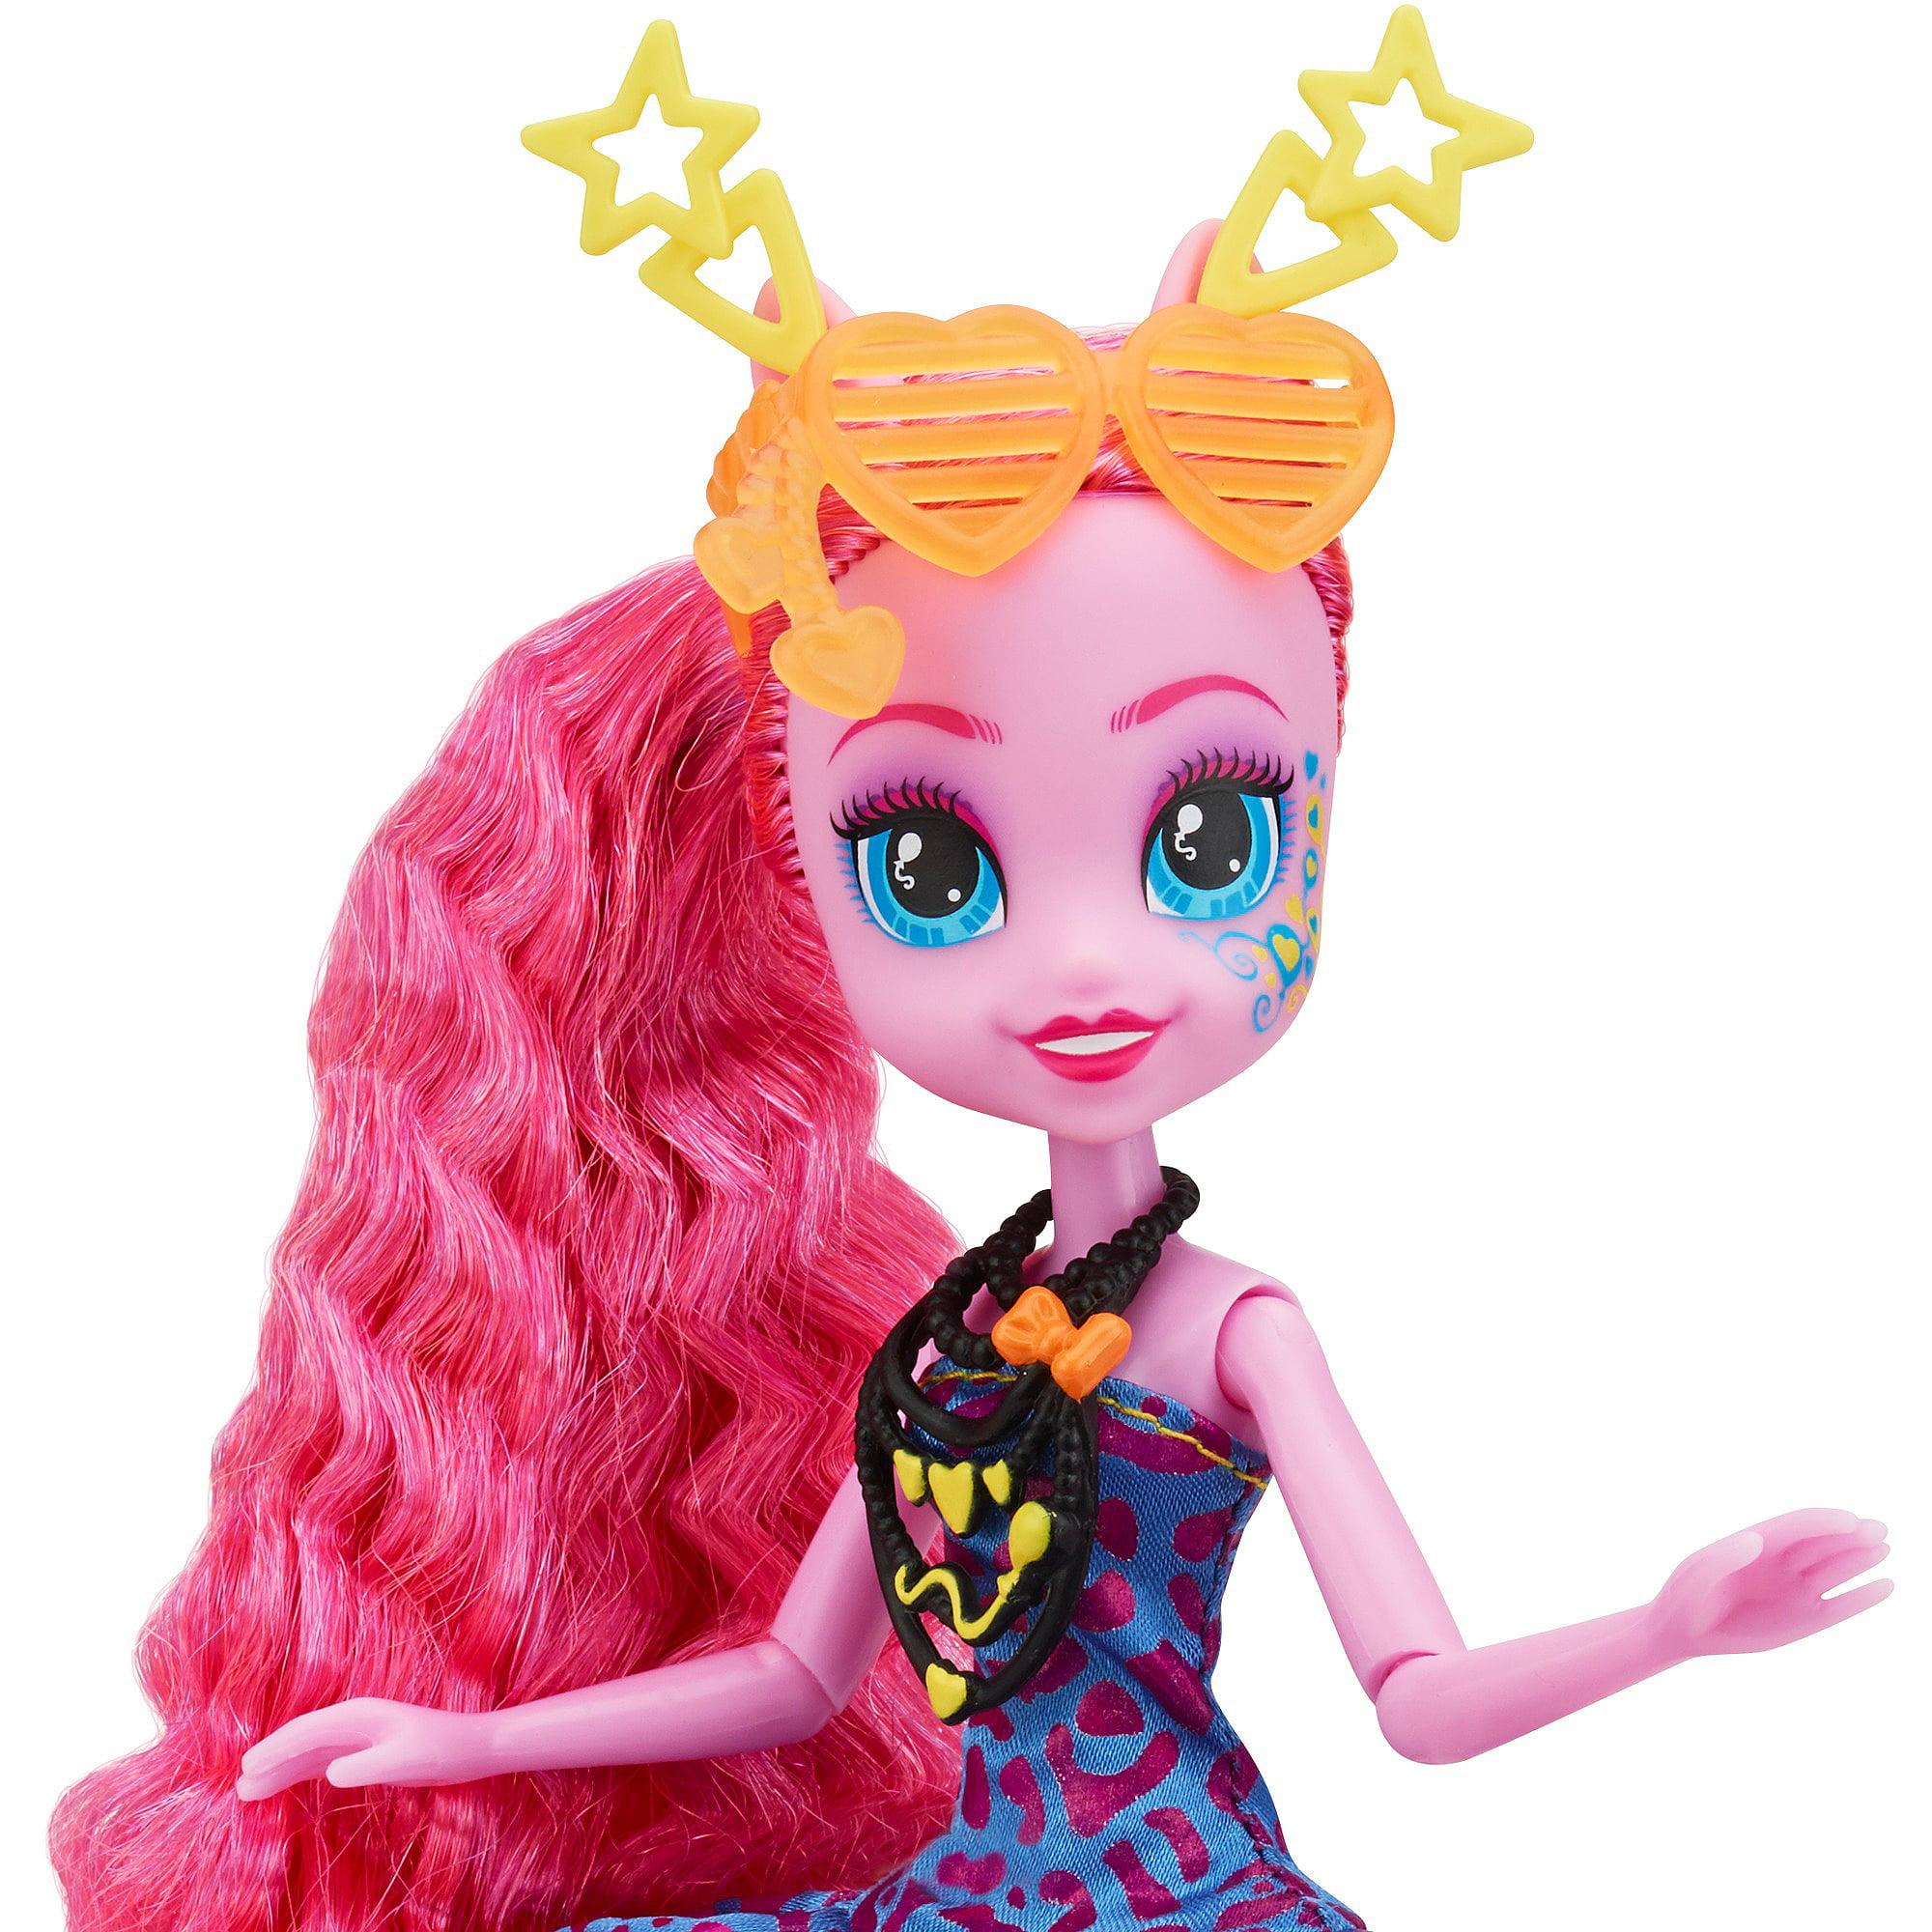 My Little Pony Equestria Girls Rainbow Rocks Pinkie Pie Doll - Rockin hairstyles dolls